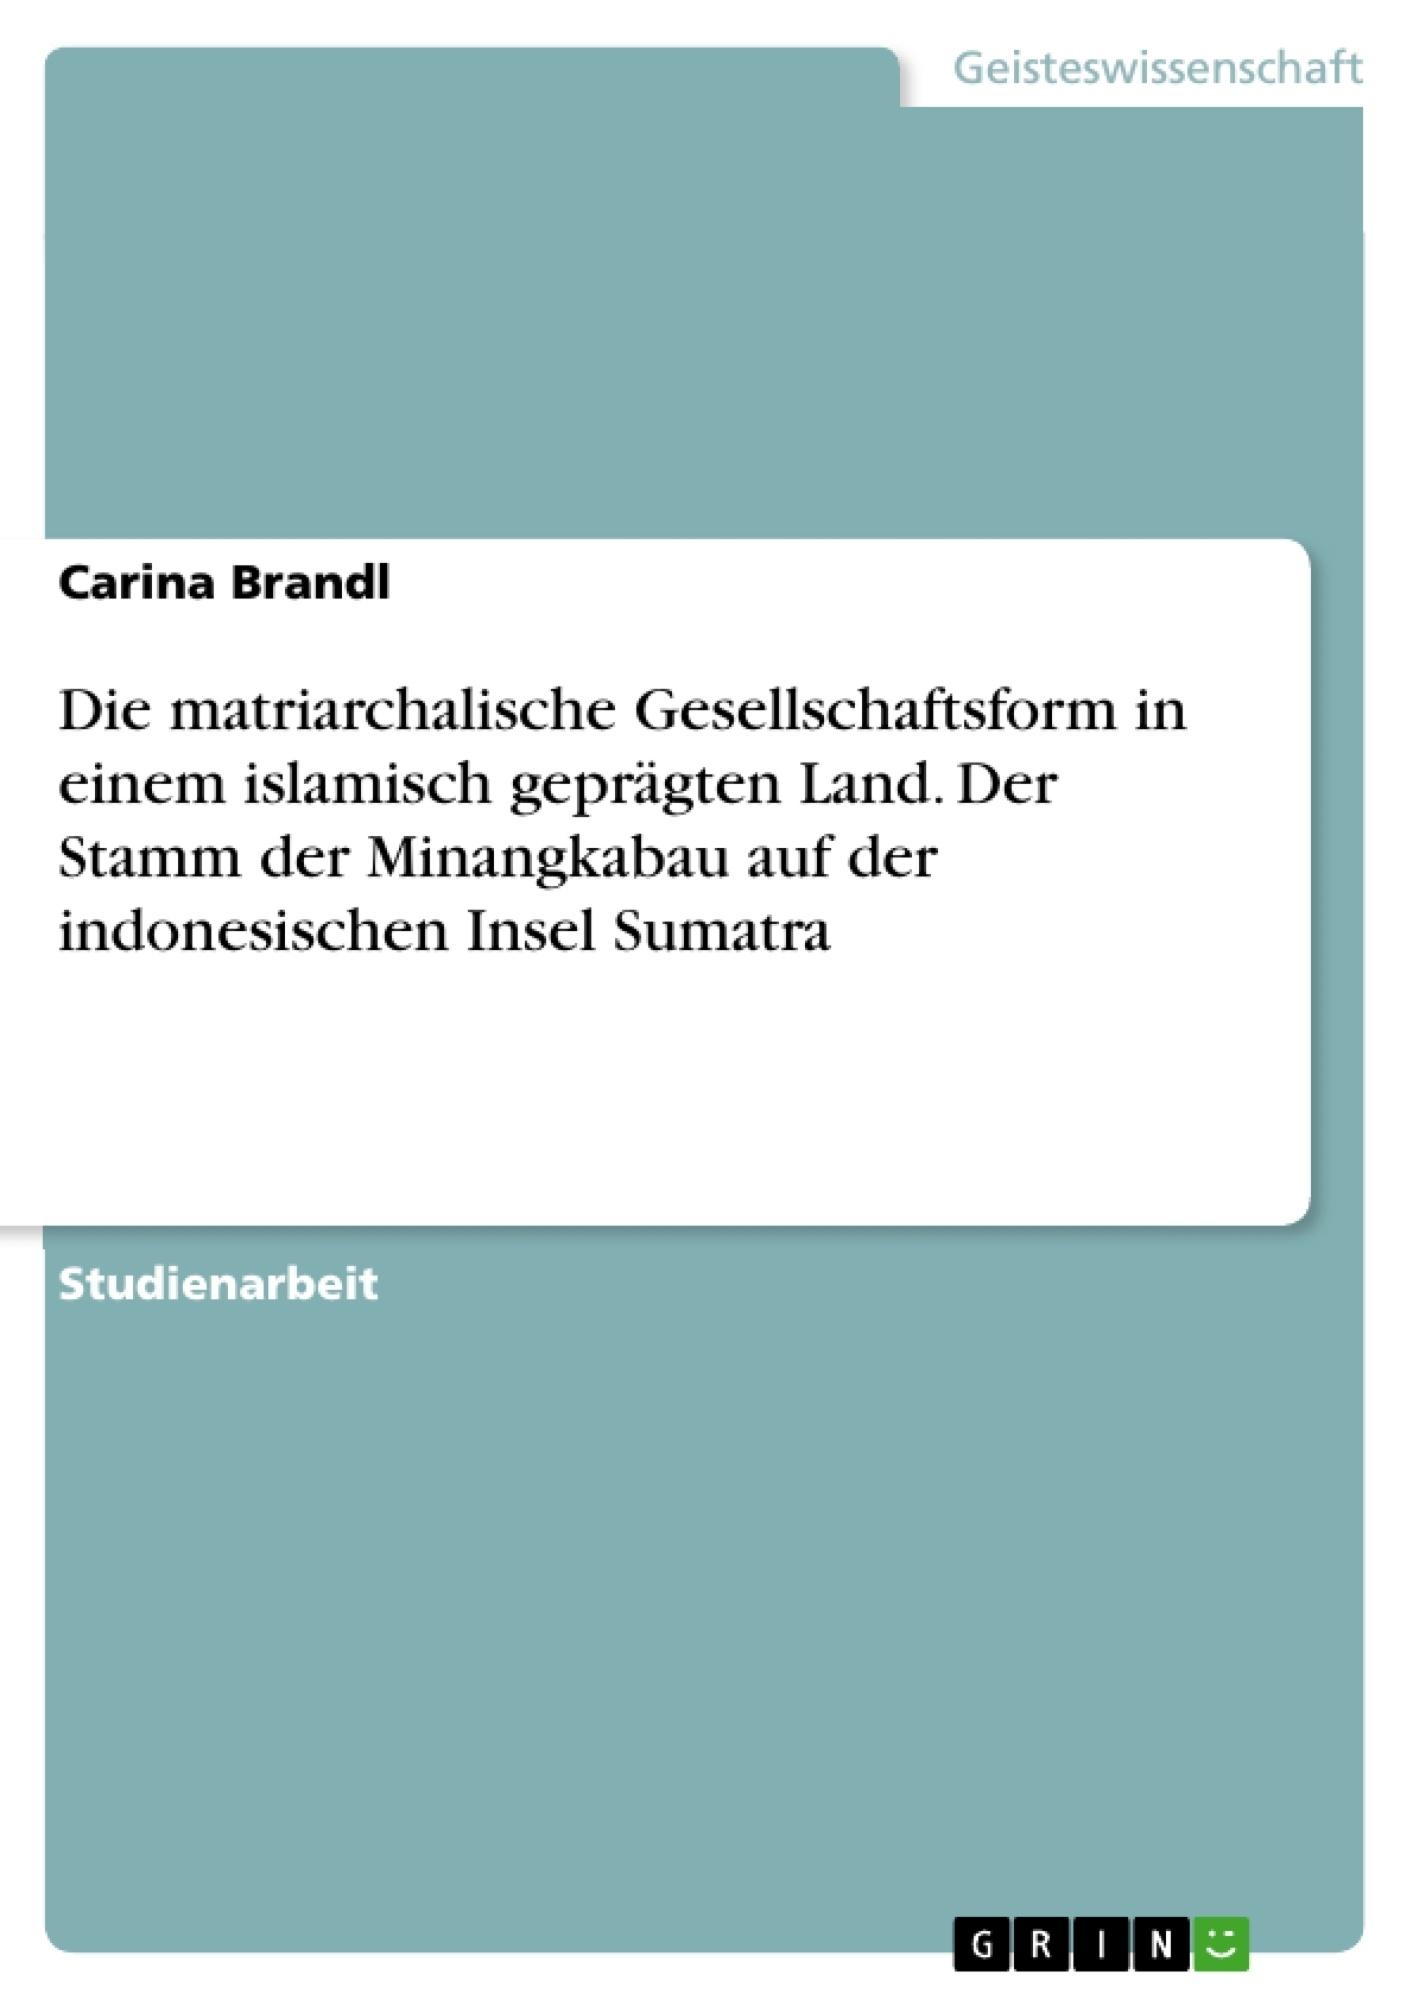 Titel: Die matriarchalische Gesellschaftsform in einem islamisch geprägten Land. Der Stamm der Minangkabau auf der indonesischen  Insel Sumatra